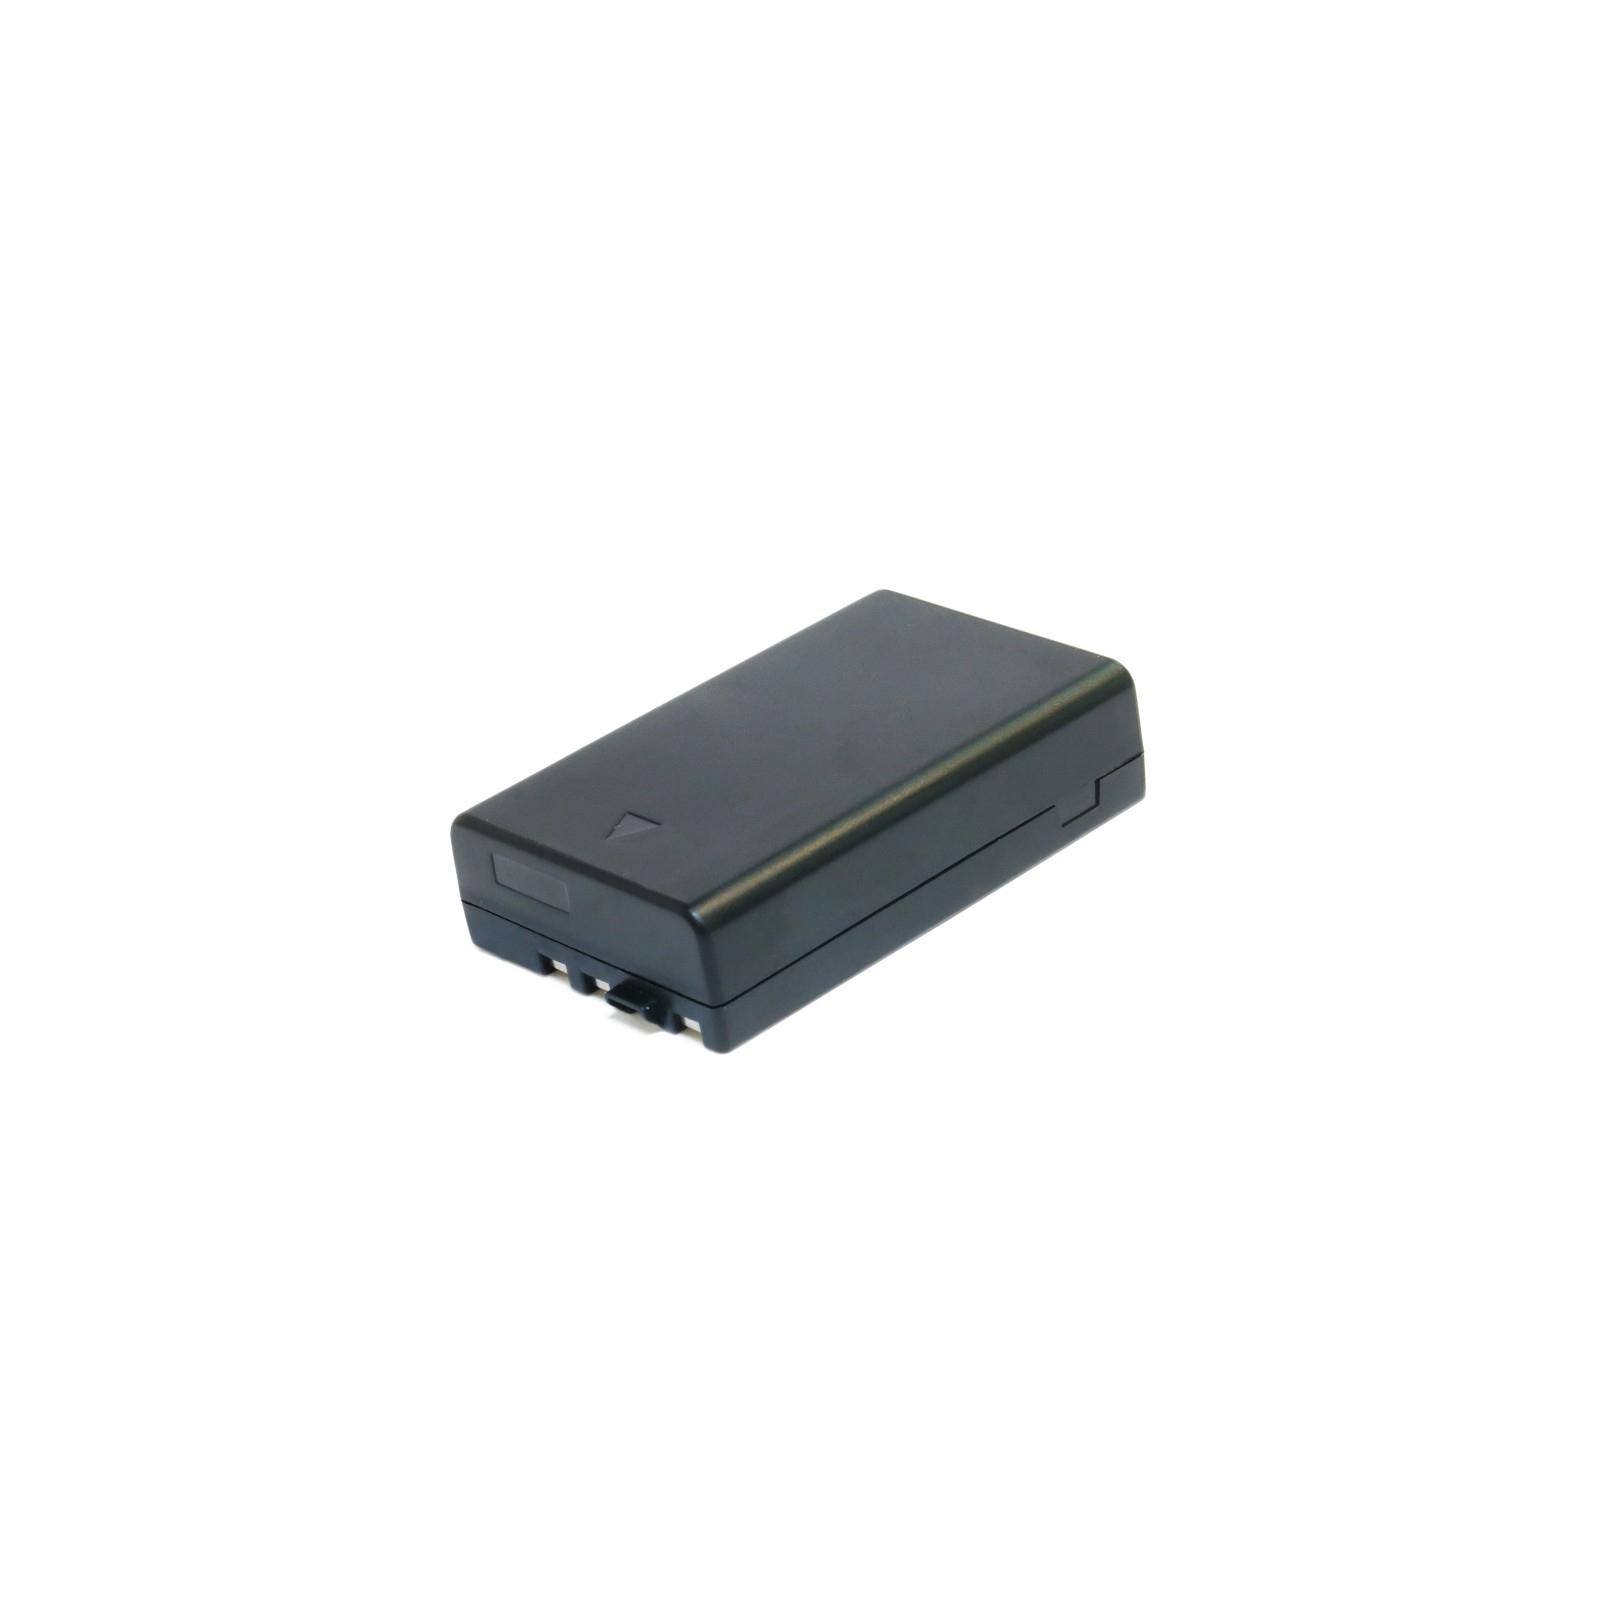 Аккумулятор к фото/видео EXTRADIGITAL Pentax D-Li109 (BDP2598) изображение 5